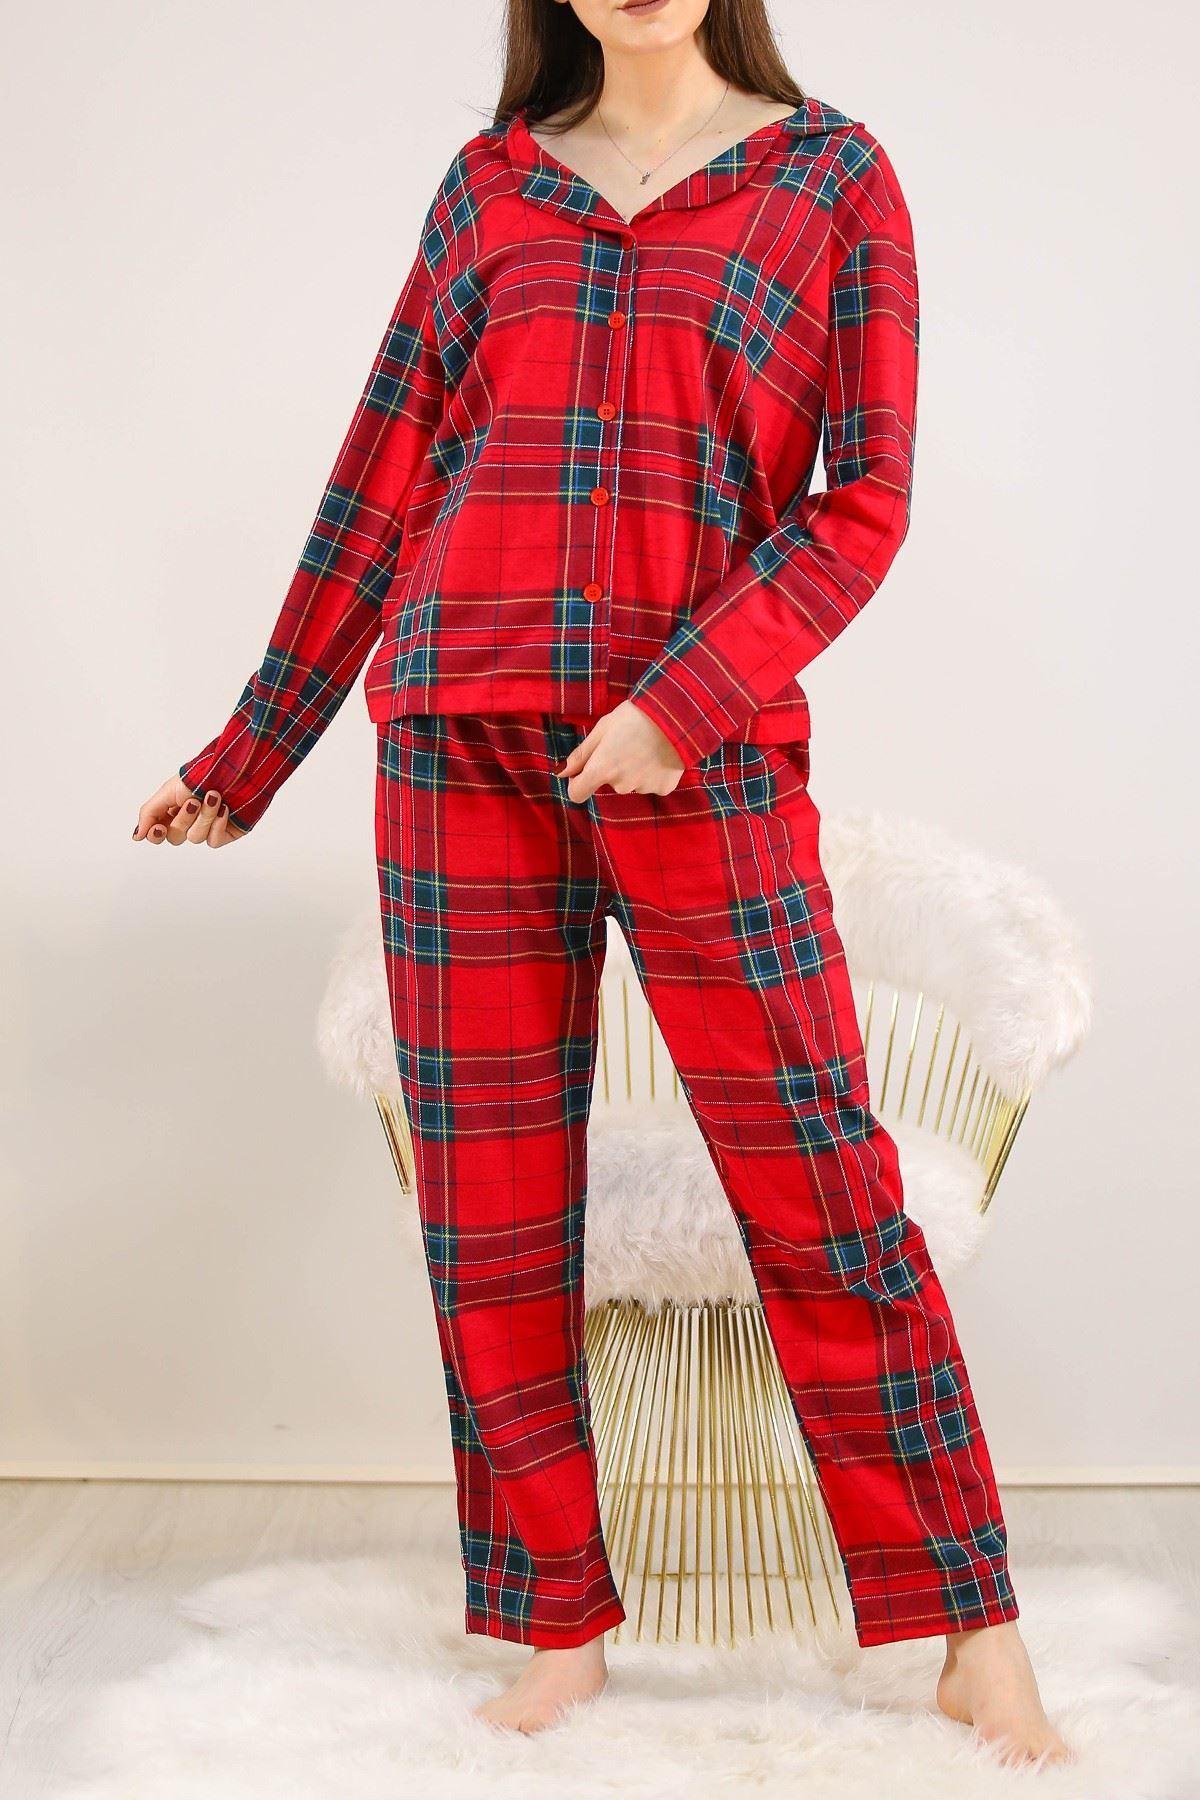 Desenli Pijama Takımı Kırmızı - 2645.994.